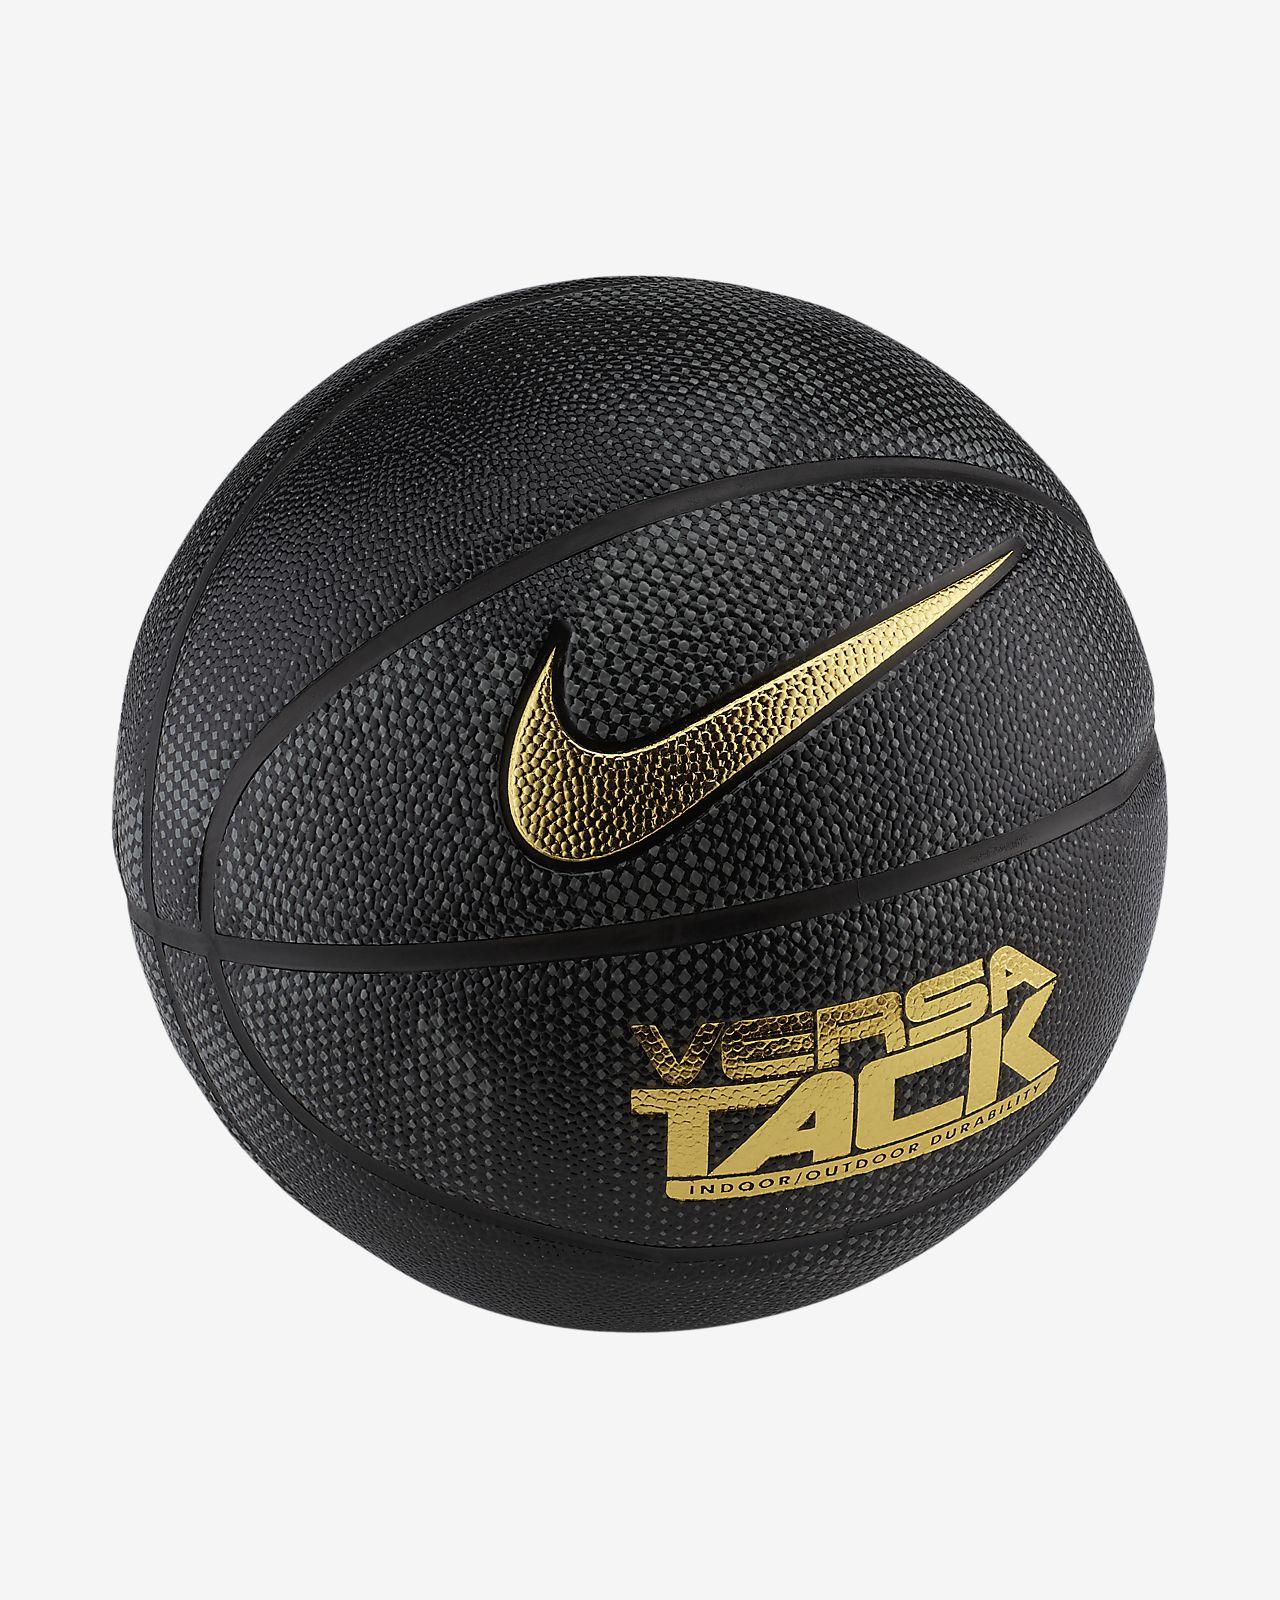 120f1fd85 Bola de basquetebol Nike Versa Tack 8P. Nike.com PT